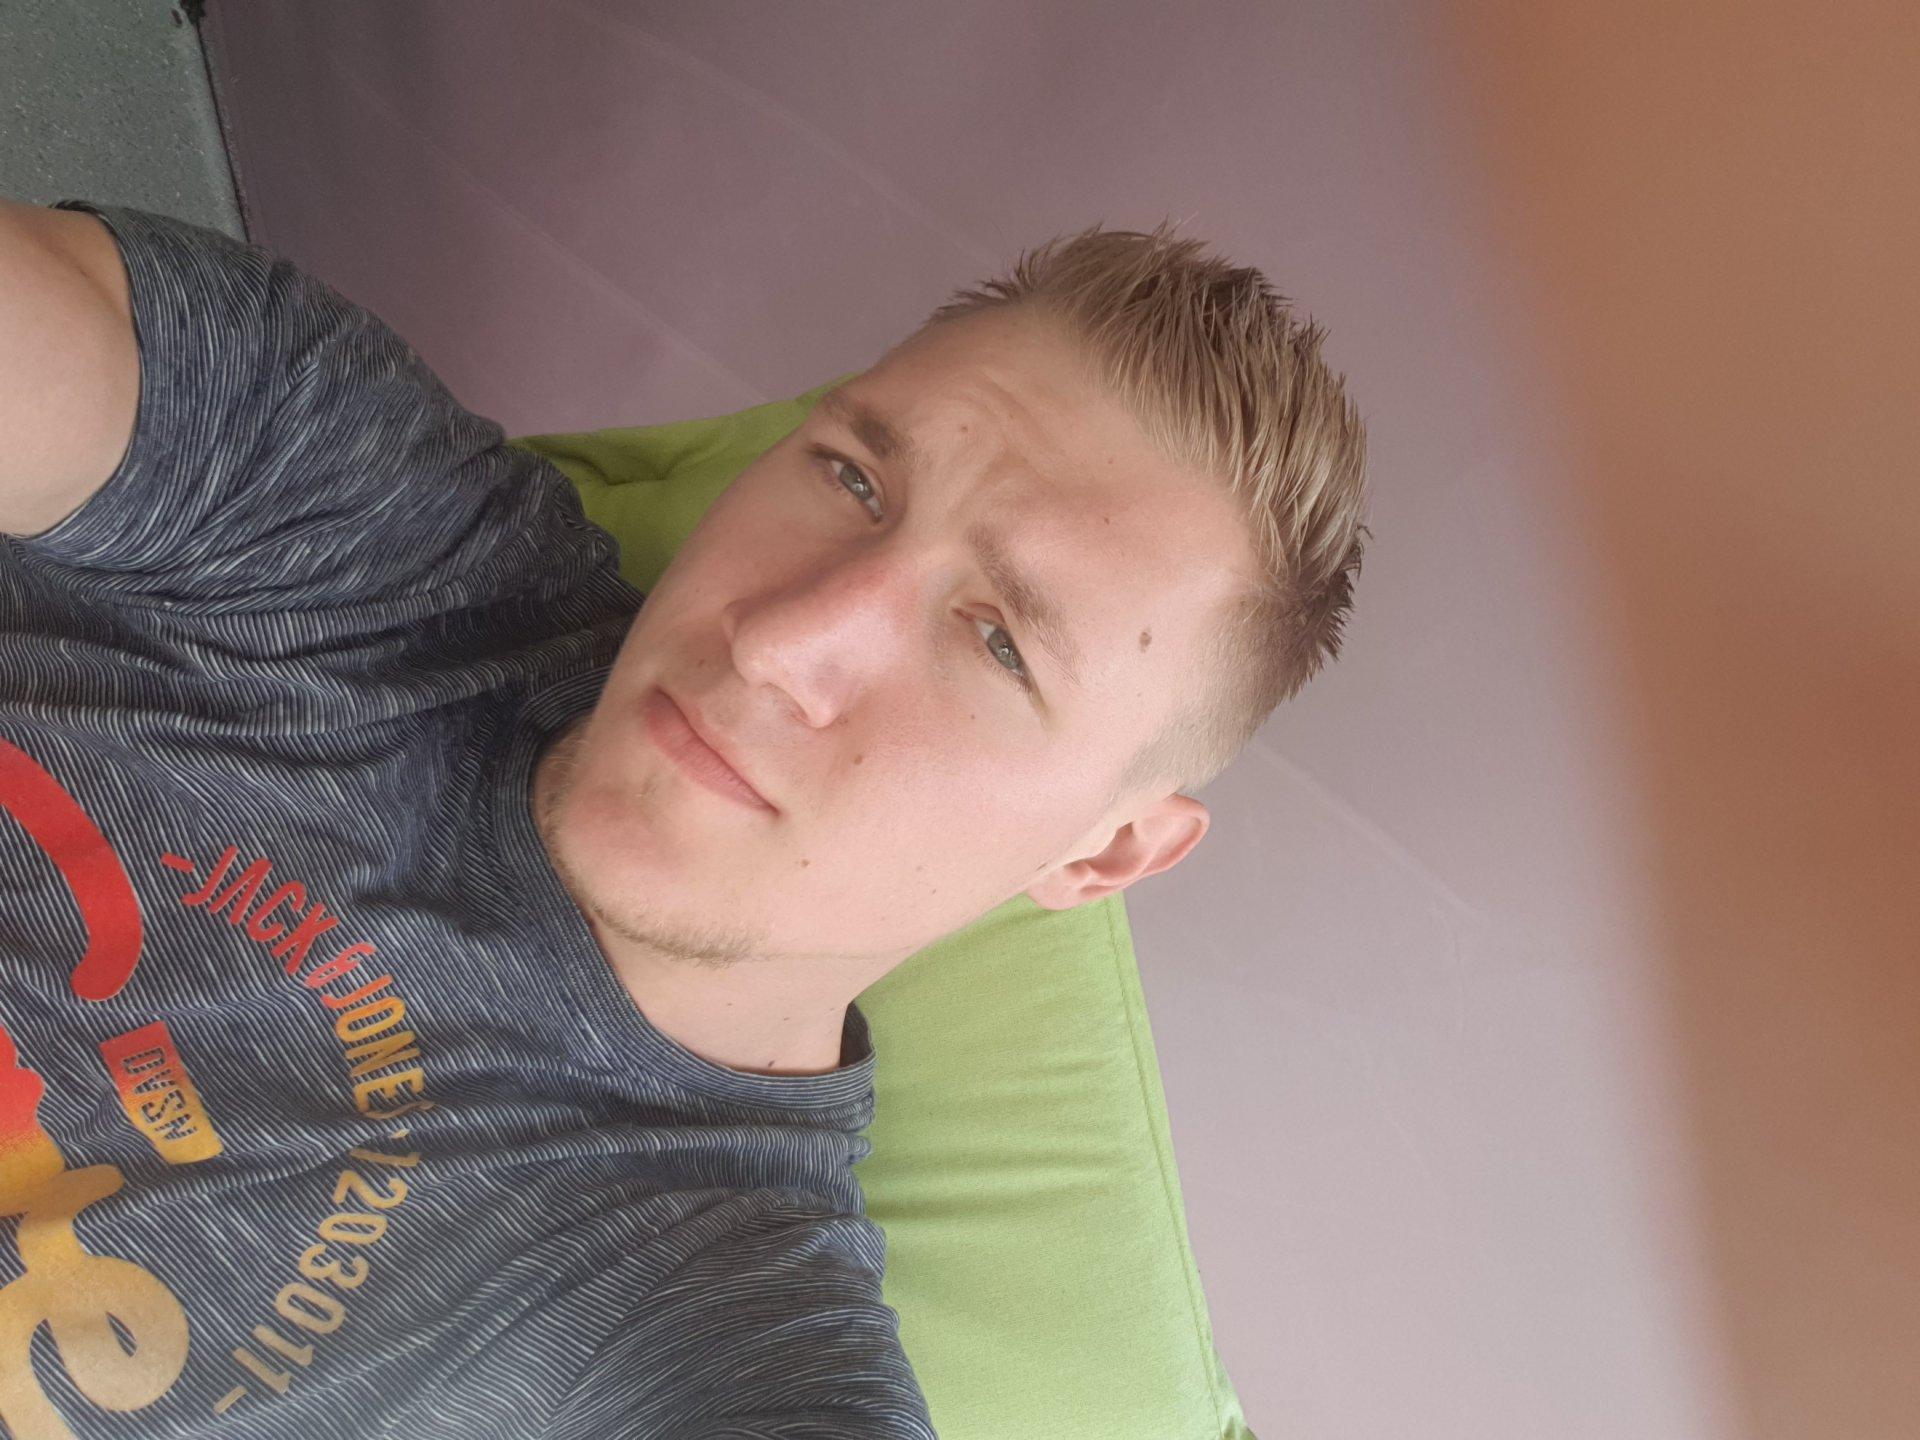 Chris1991 aus Salzburg,Österreich